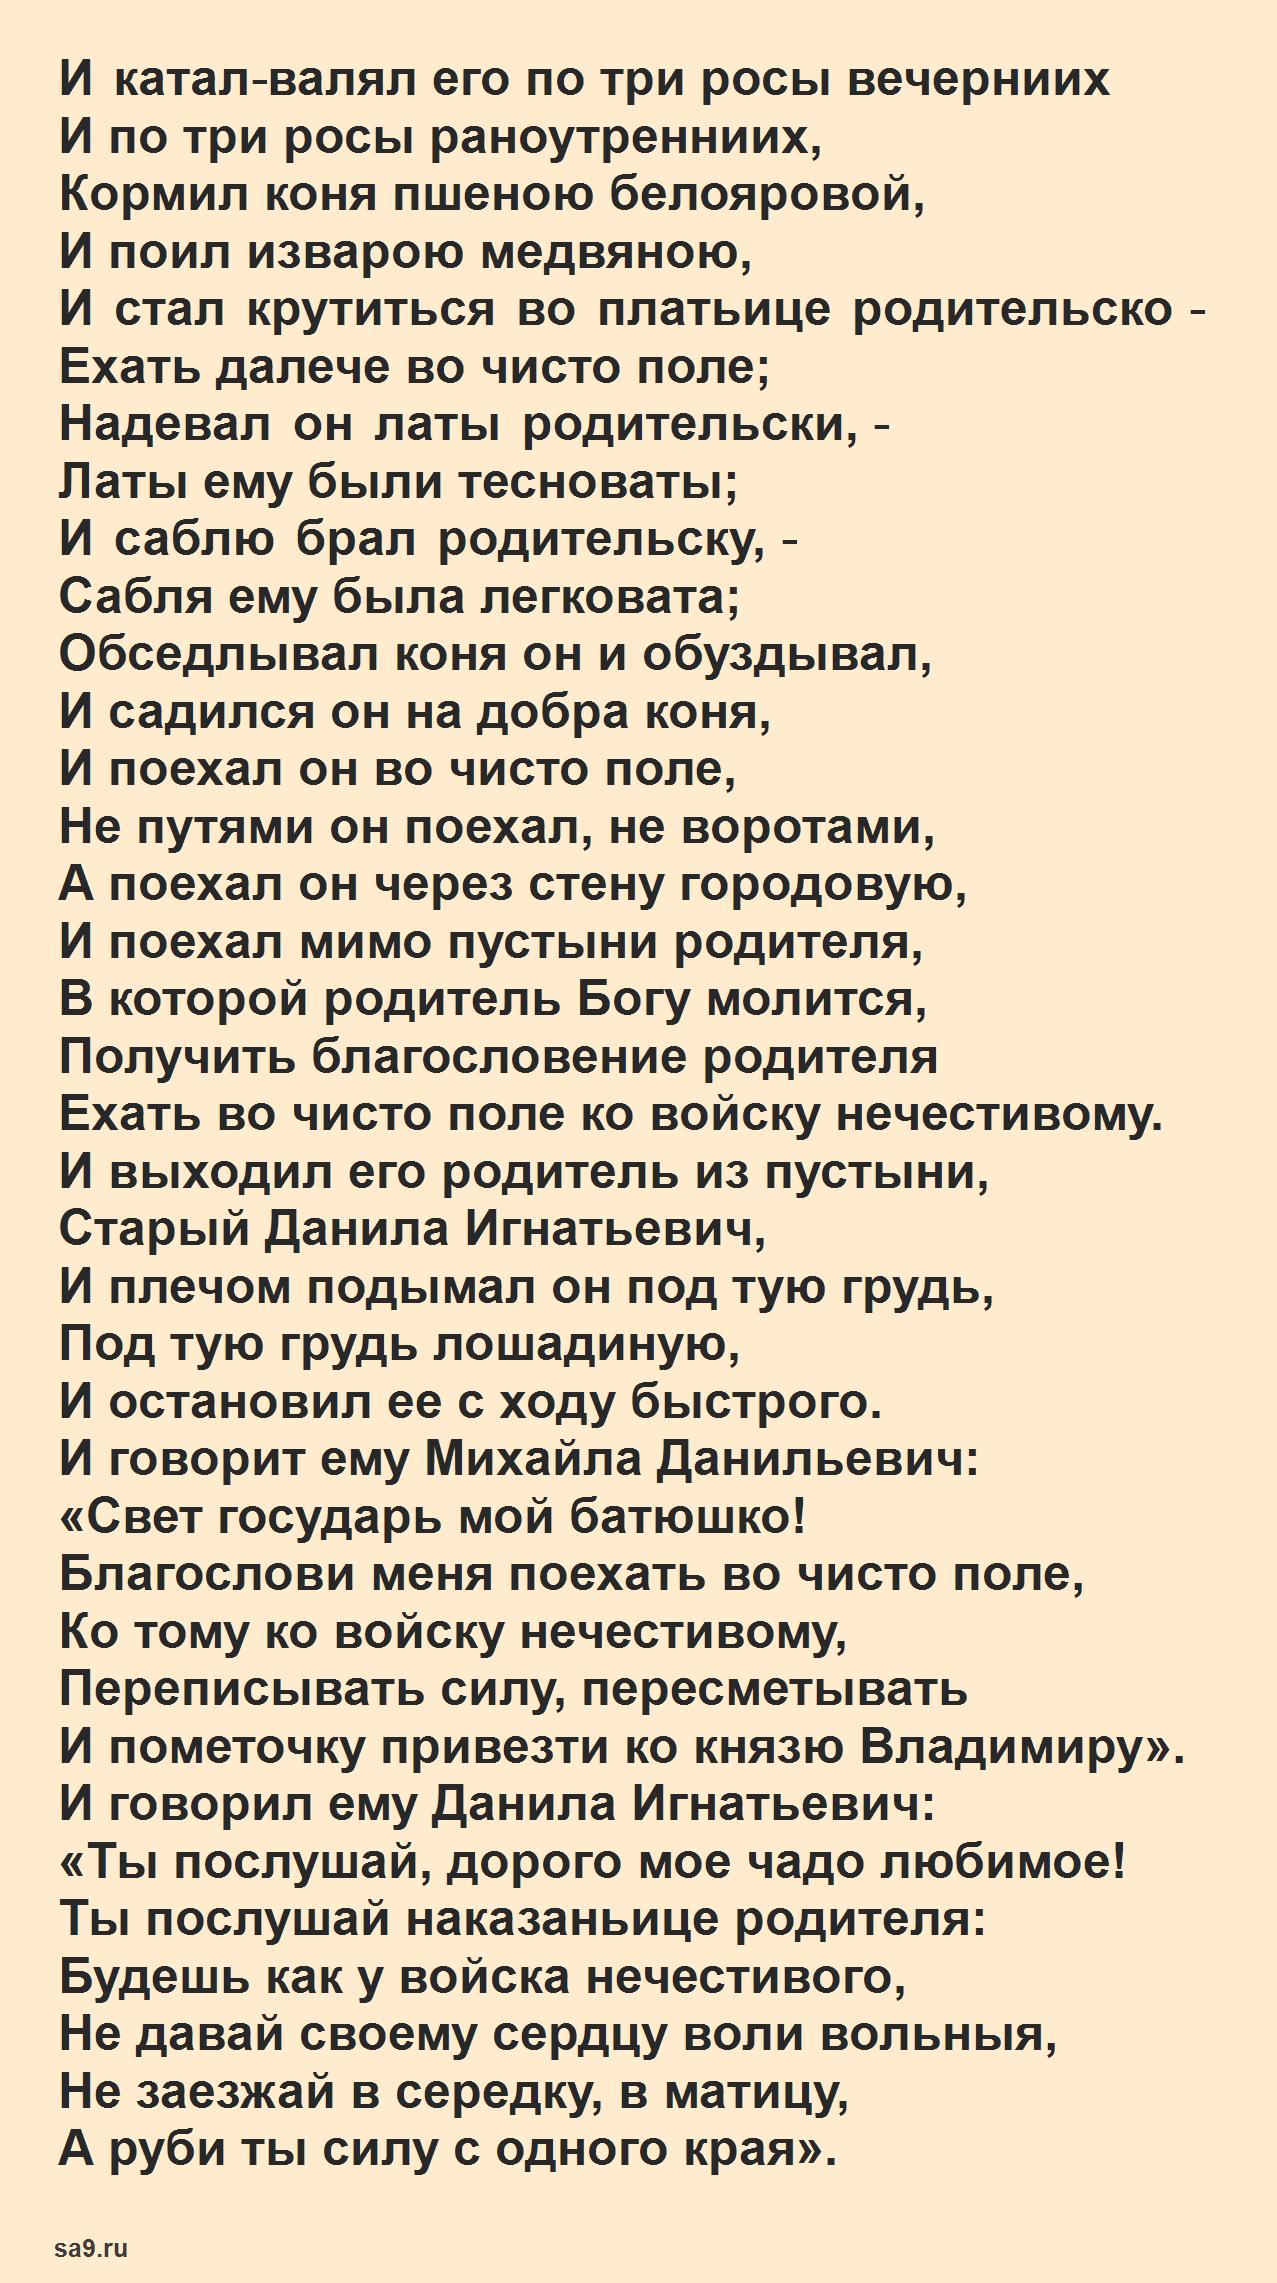 Читать былину - Михайло Данилович, полностью